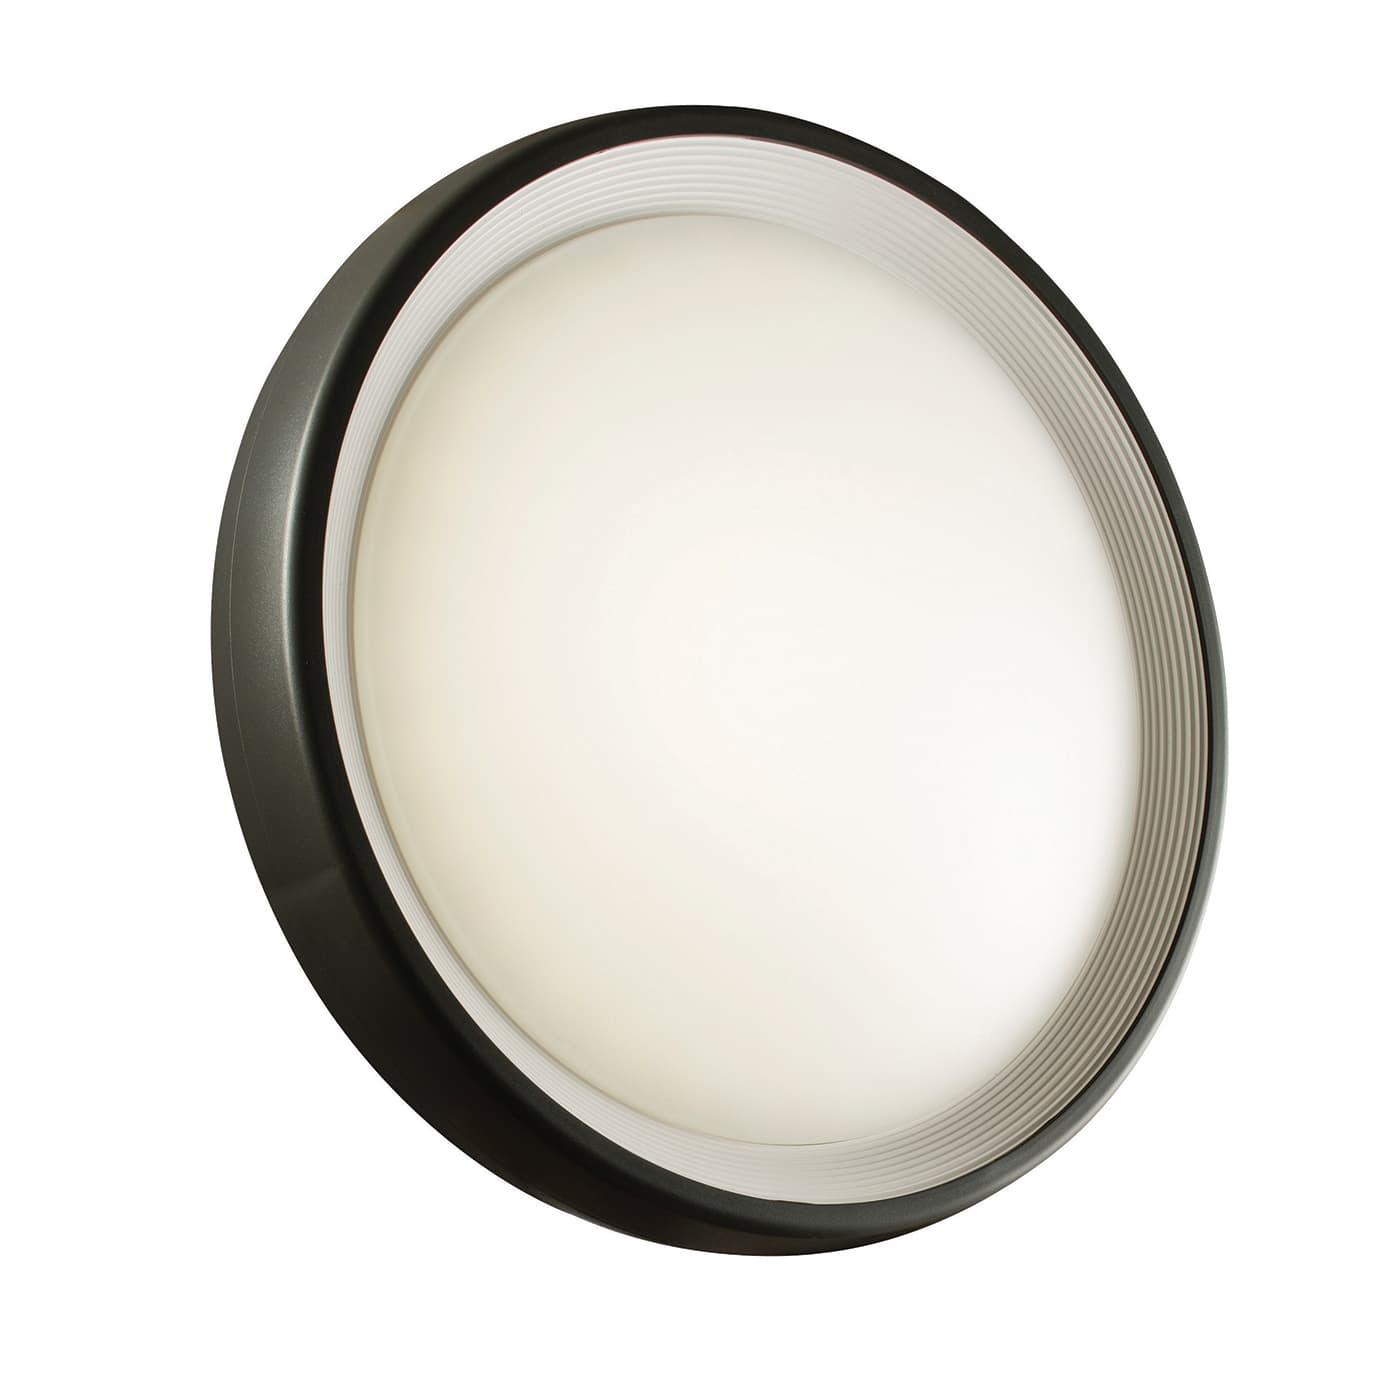 Lampa ścienna Corden LED - Saxby Lighting - grafitowa, biała